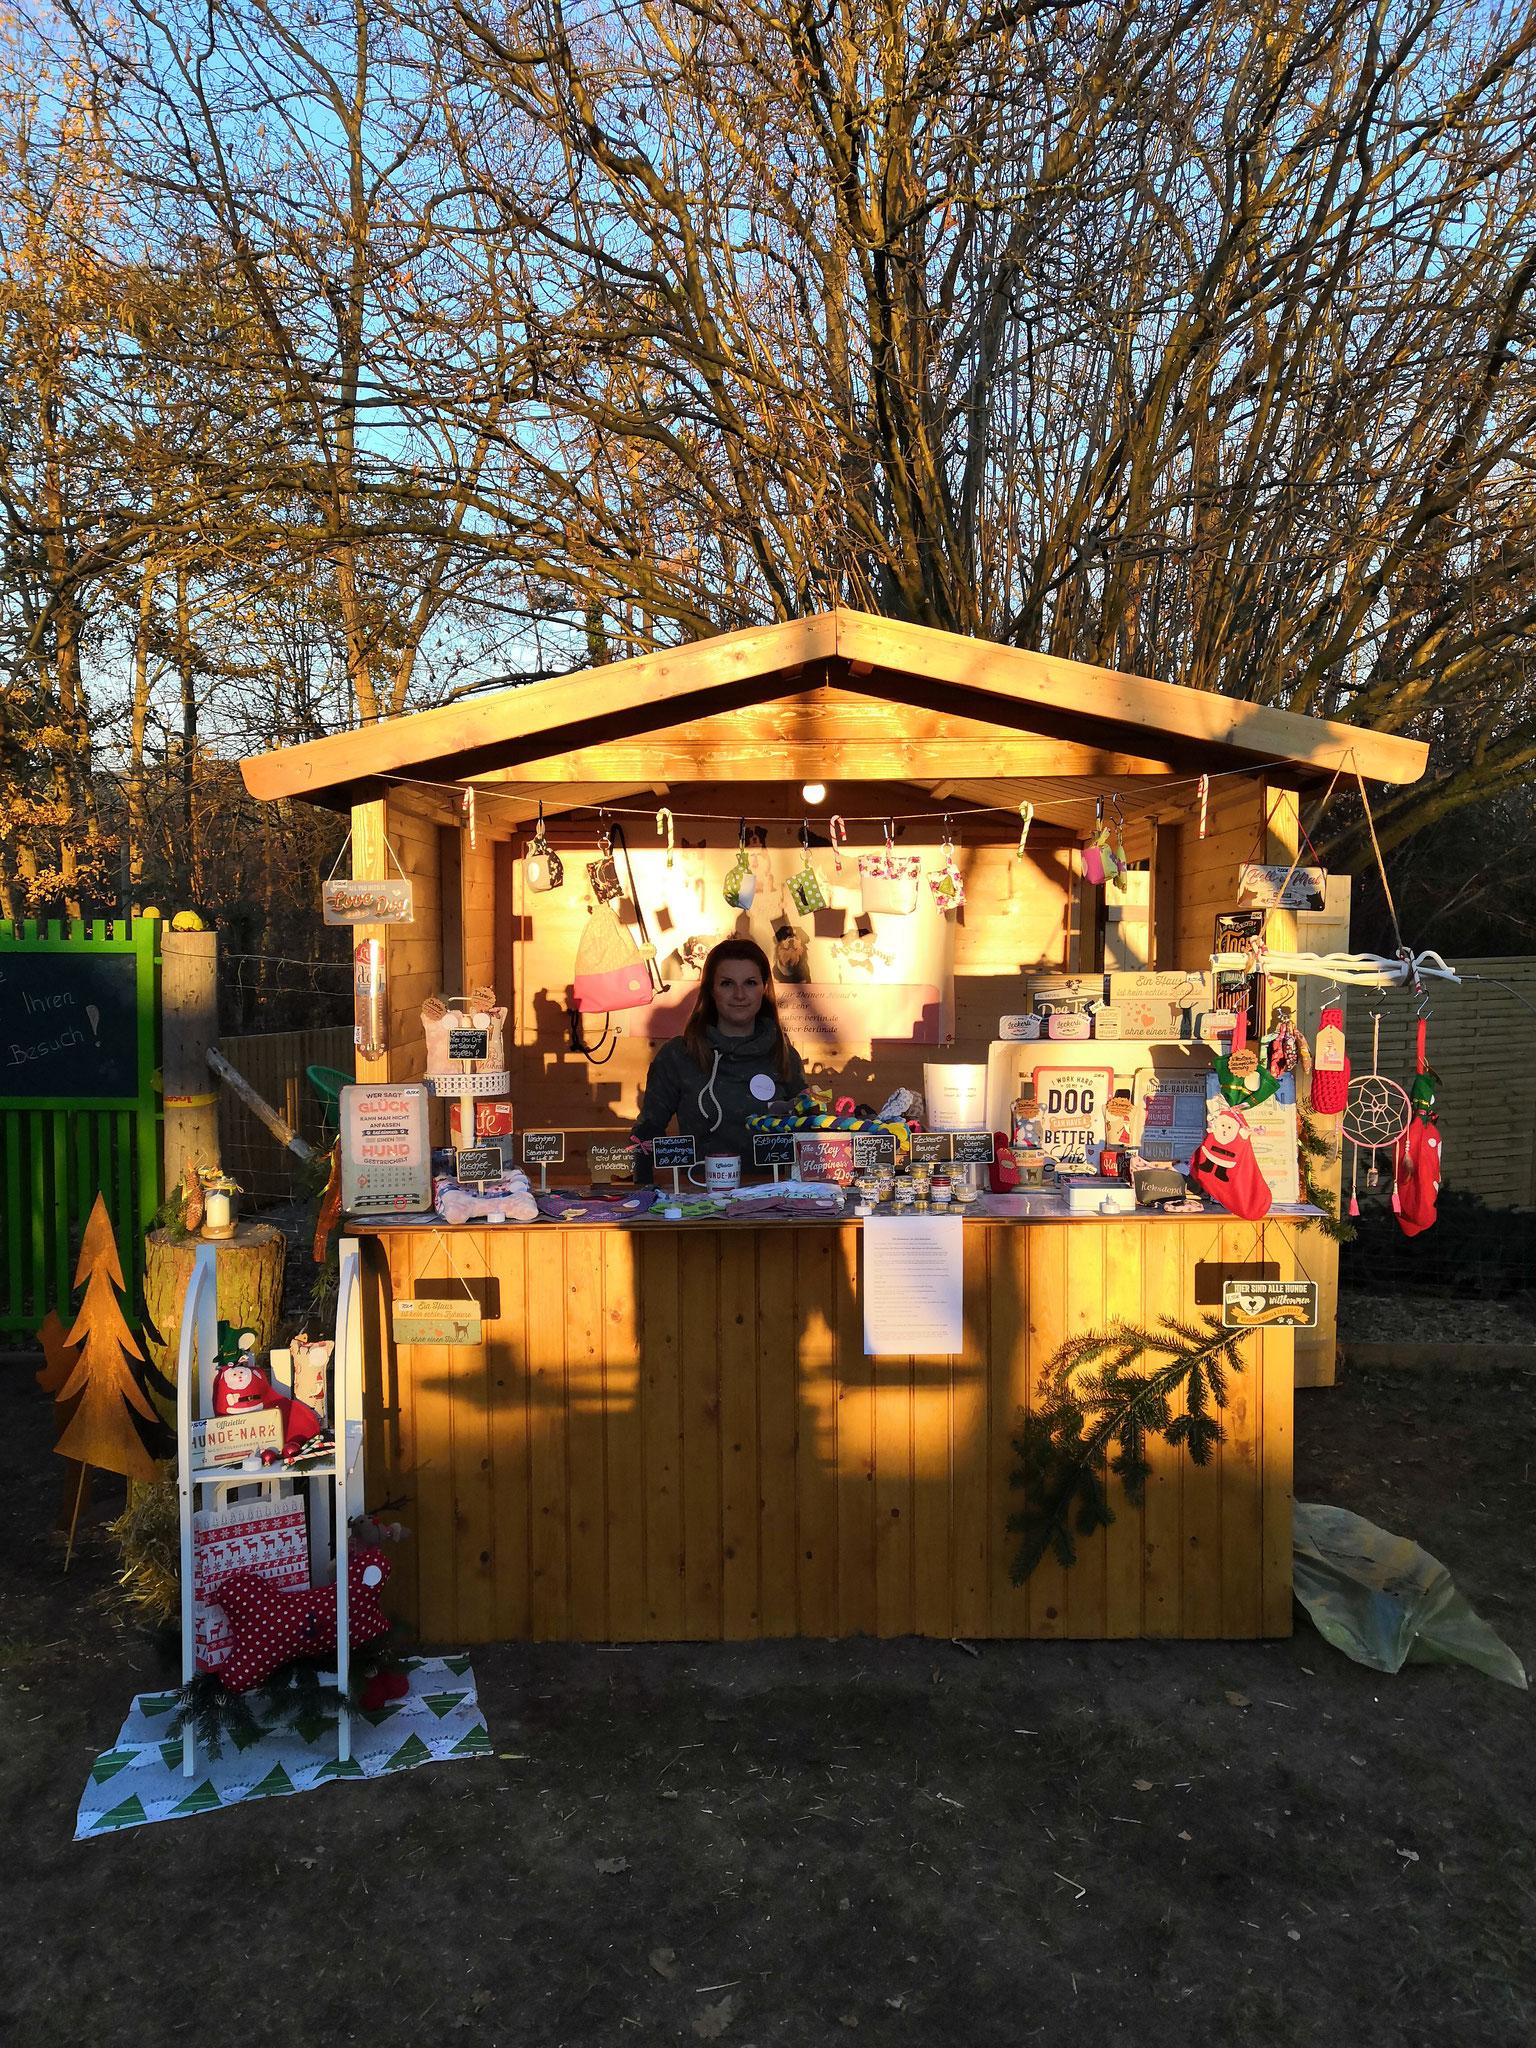 Hundeweihnachtsmarkt (Hundeschule Niedernberg Matthias Reinhard) 11/2018